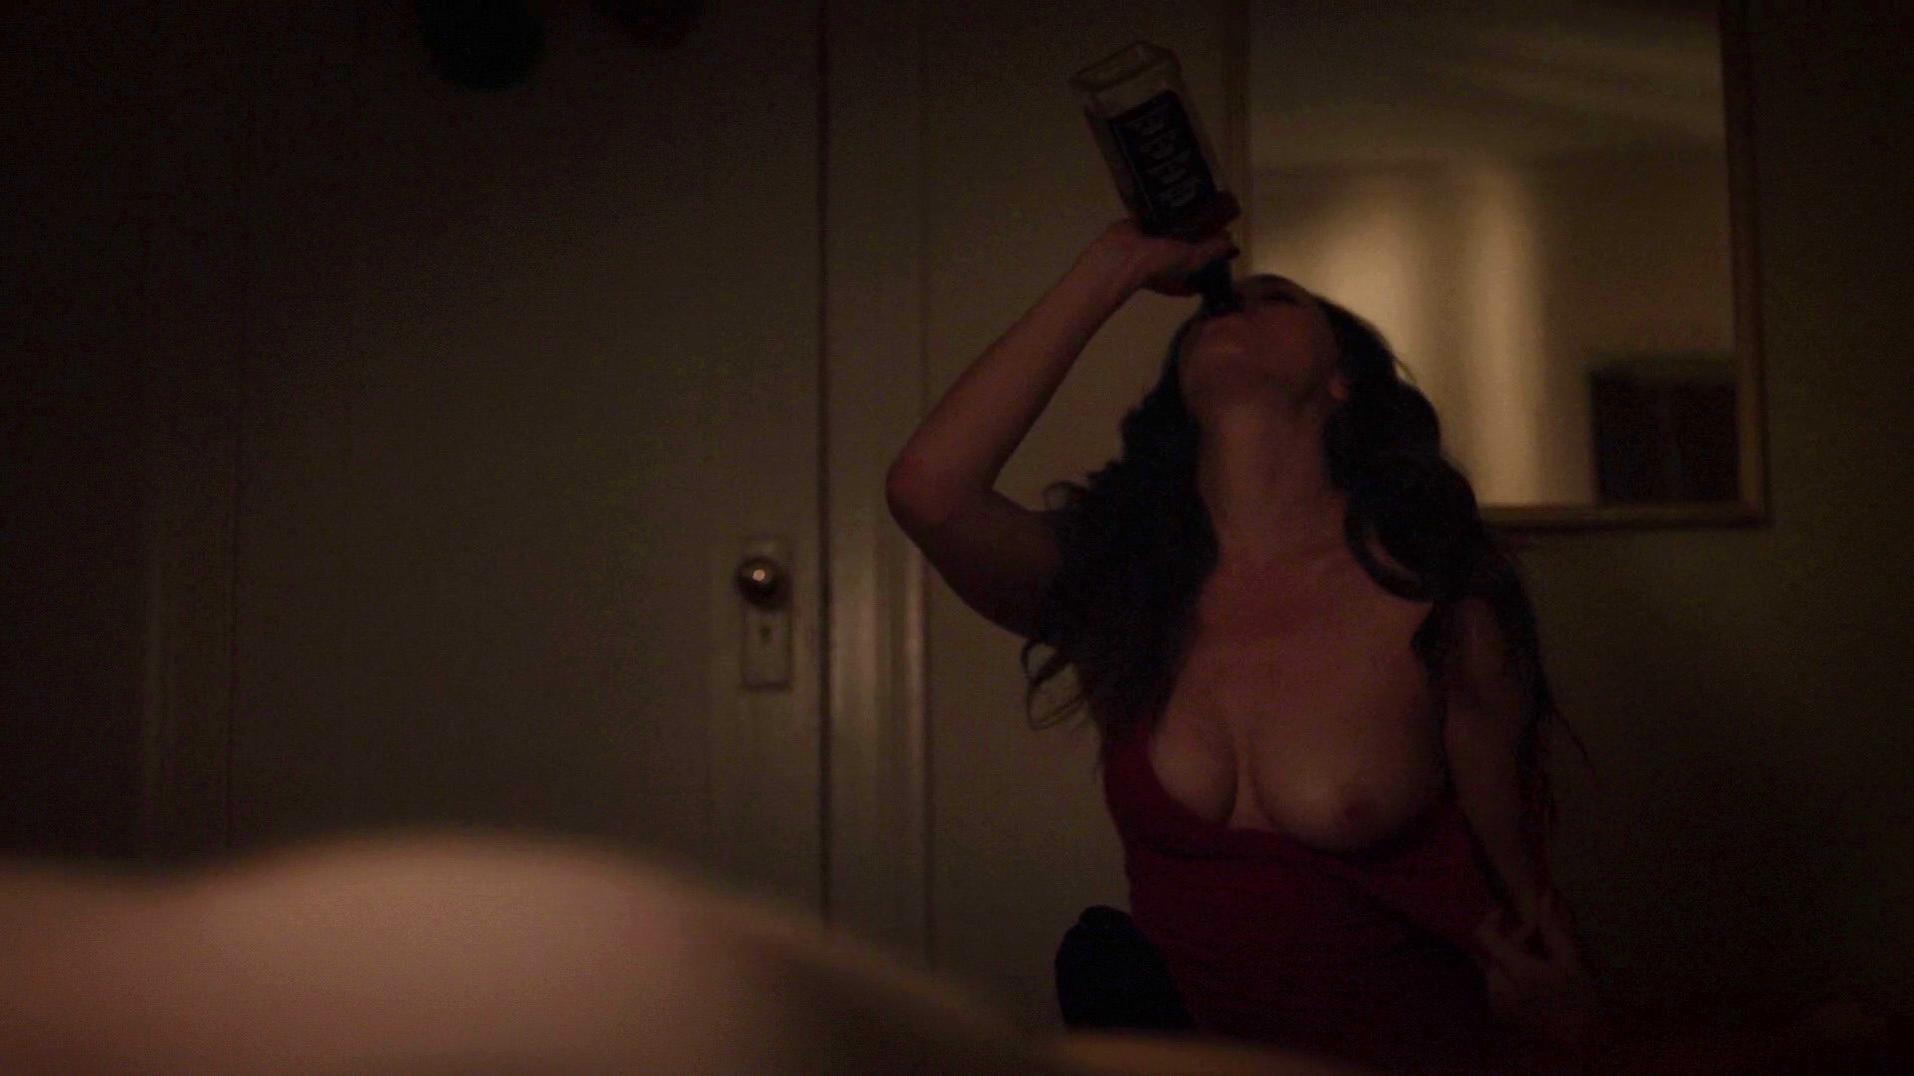 Sarah Power nude - I-Lived (2015)